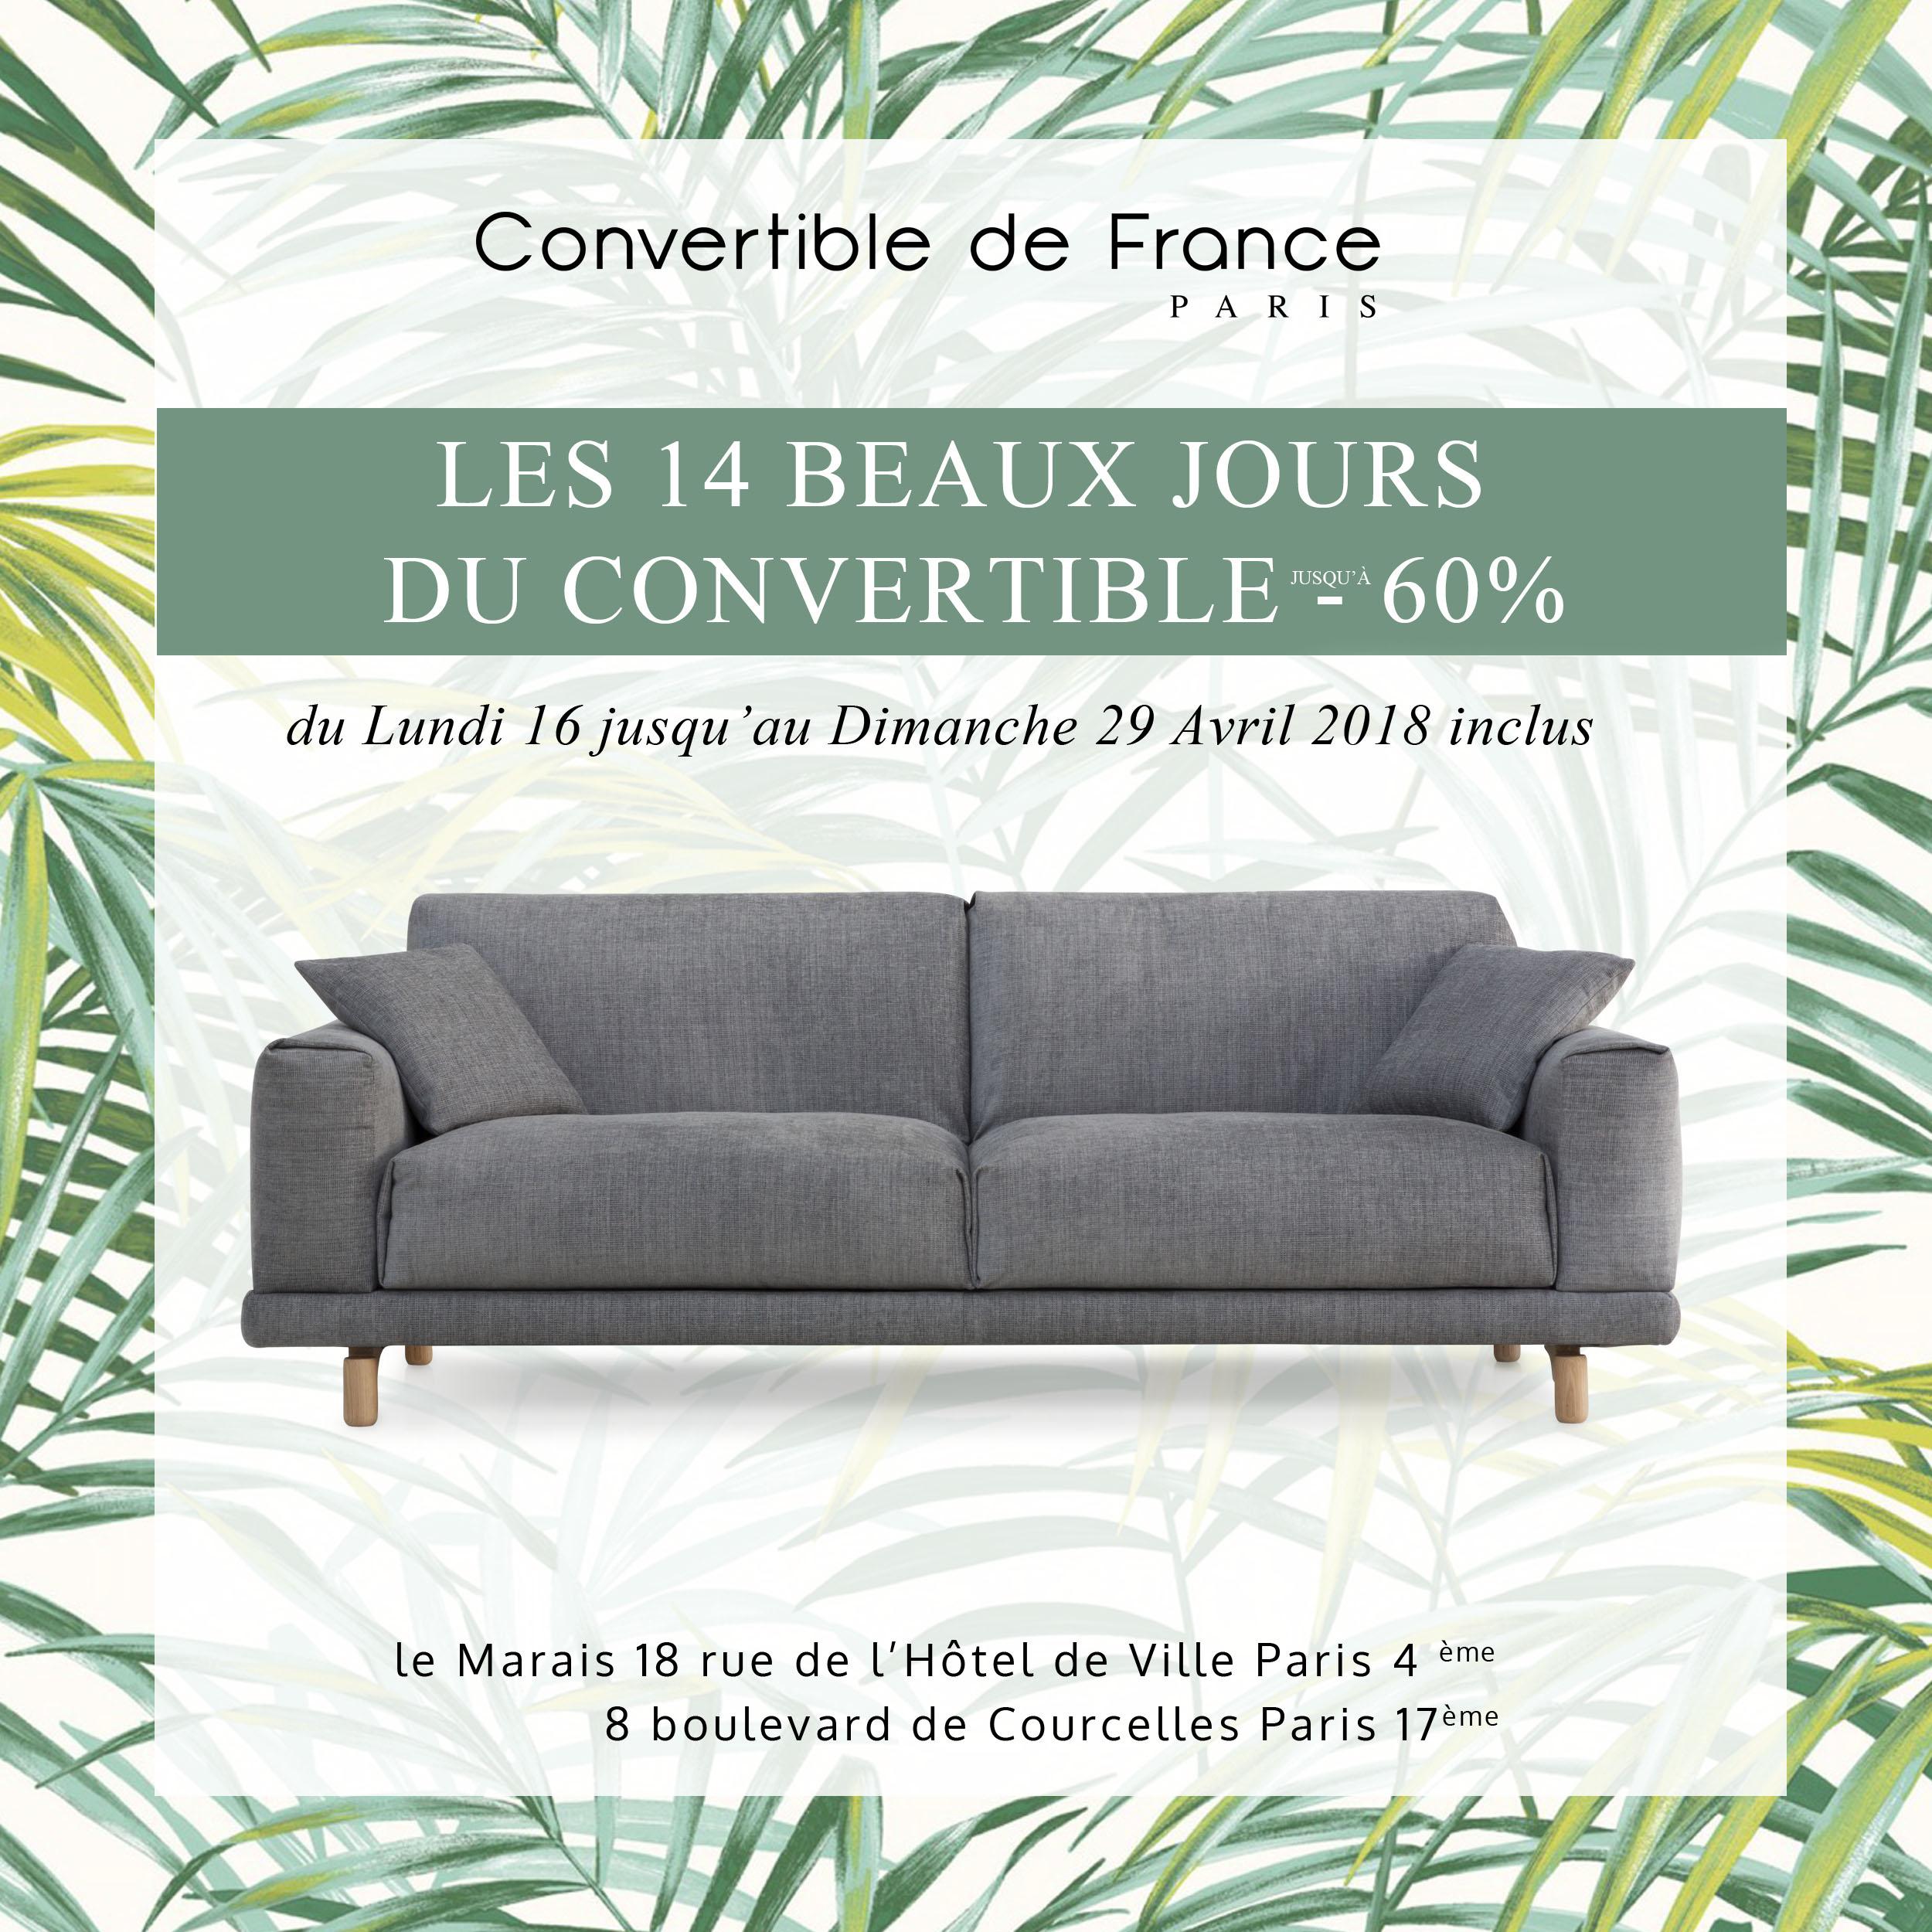 Convertible De France Vente Canapés Convertibles Et Canapés Lits - Magasin vente canapé